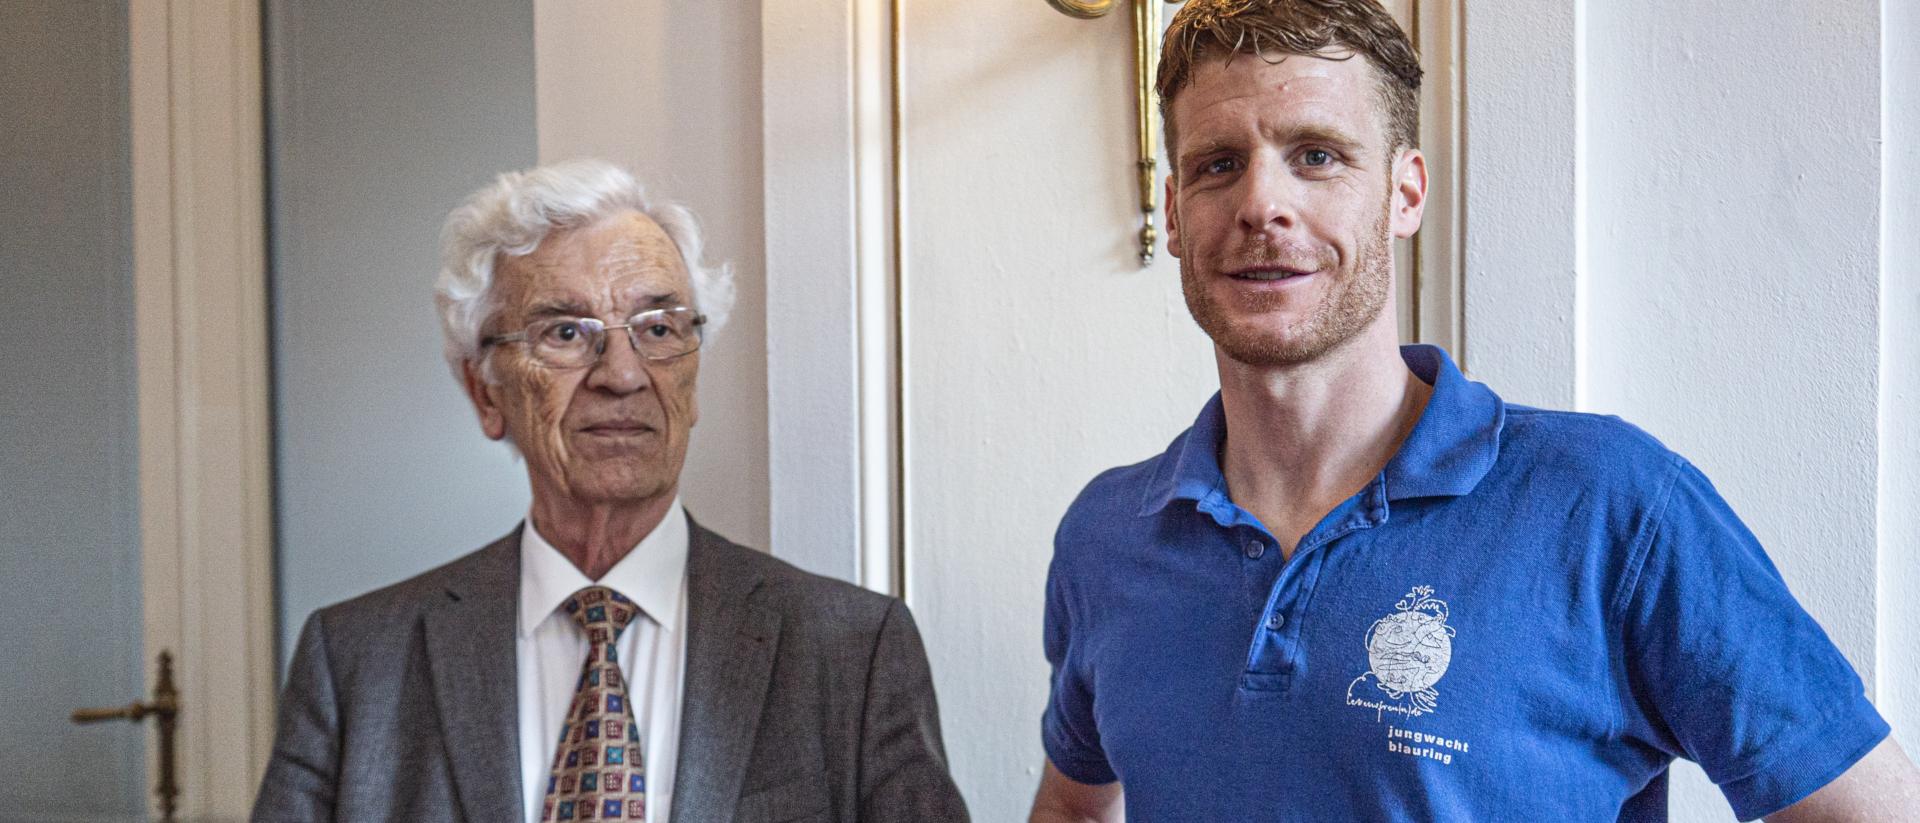 Leo Karrer (l.) und Valentin Beck (Jubla) an der Preisverleihung der Herbert-Haag-Stiftung für Freiheit. Karrer starb im Januar 2021. | ©Vera Rüttimann